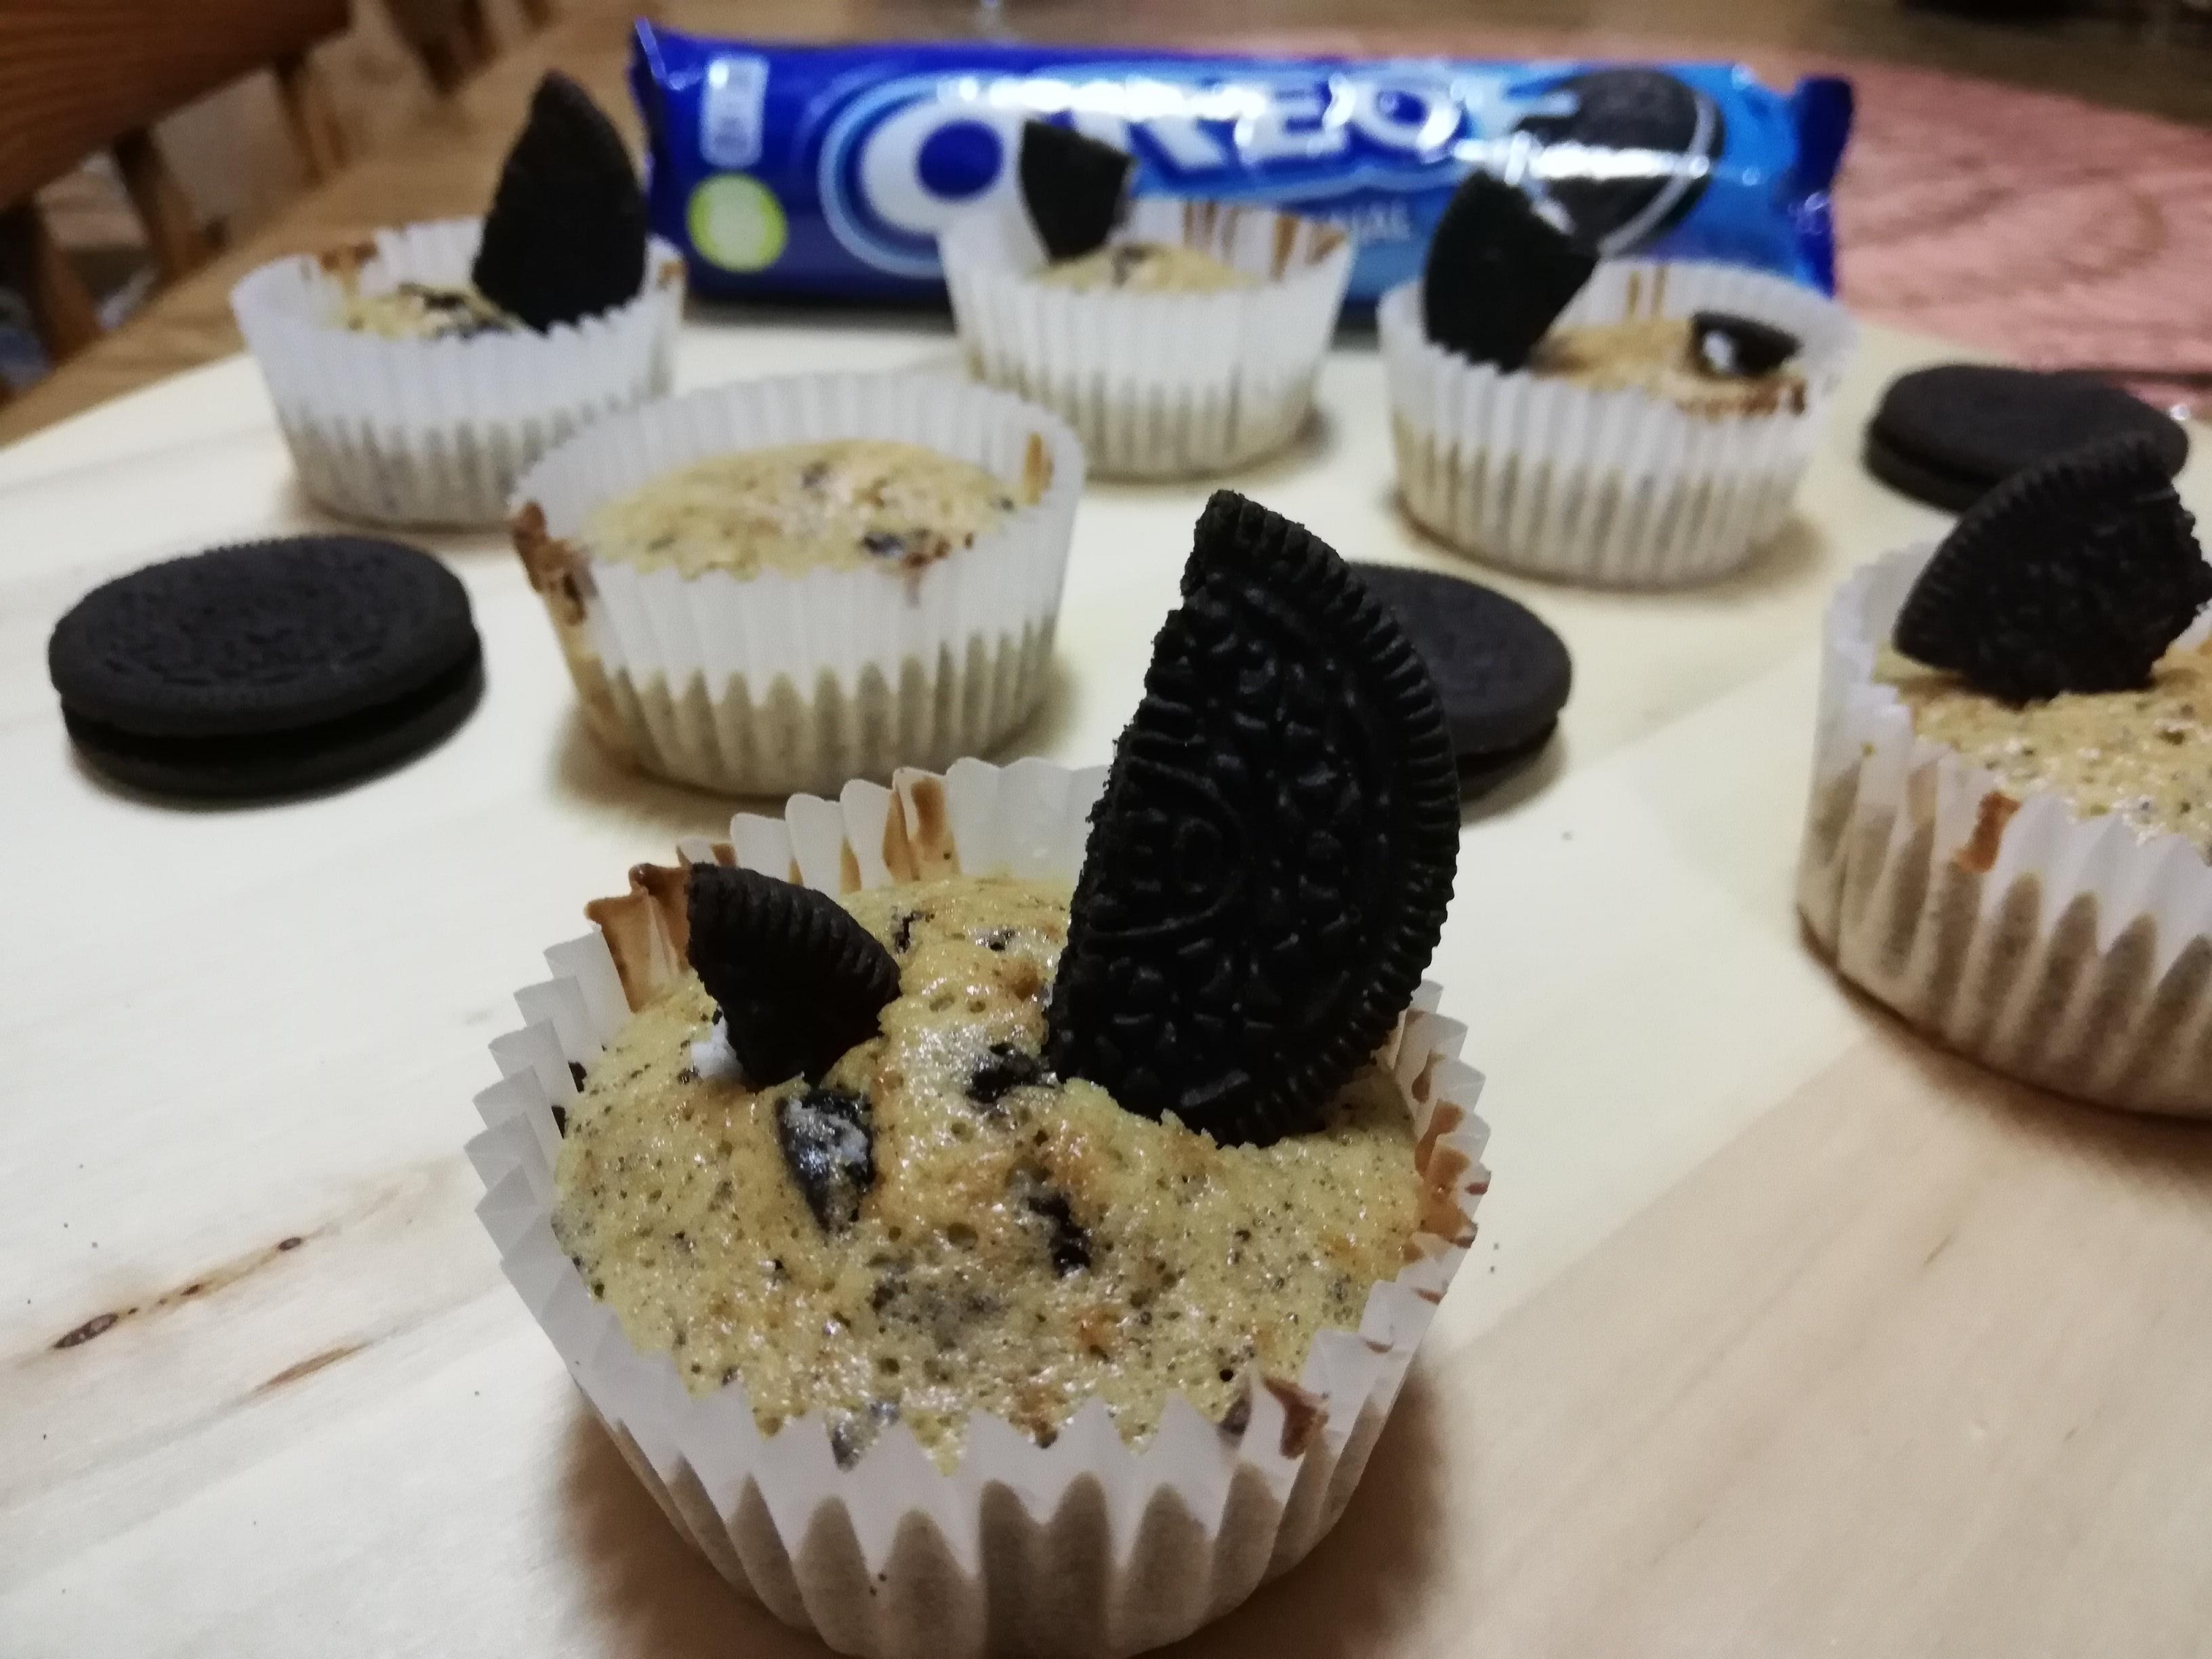 Presentación de la receta de Muffins de oreo y vainilla